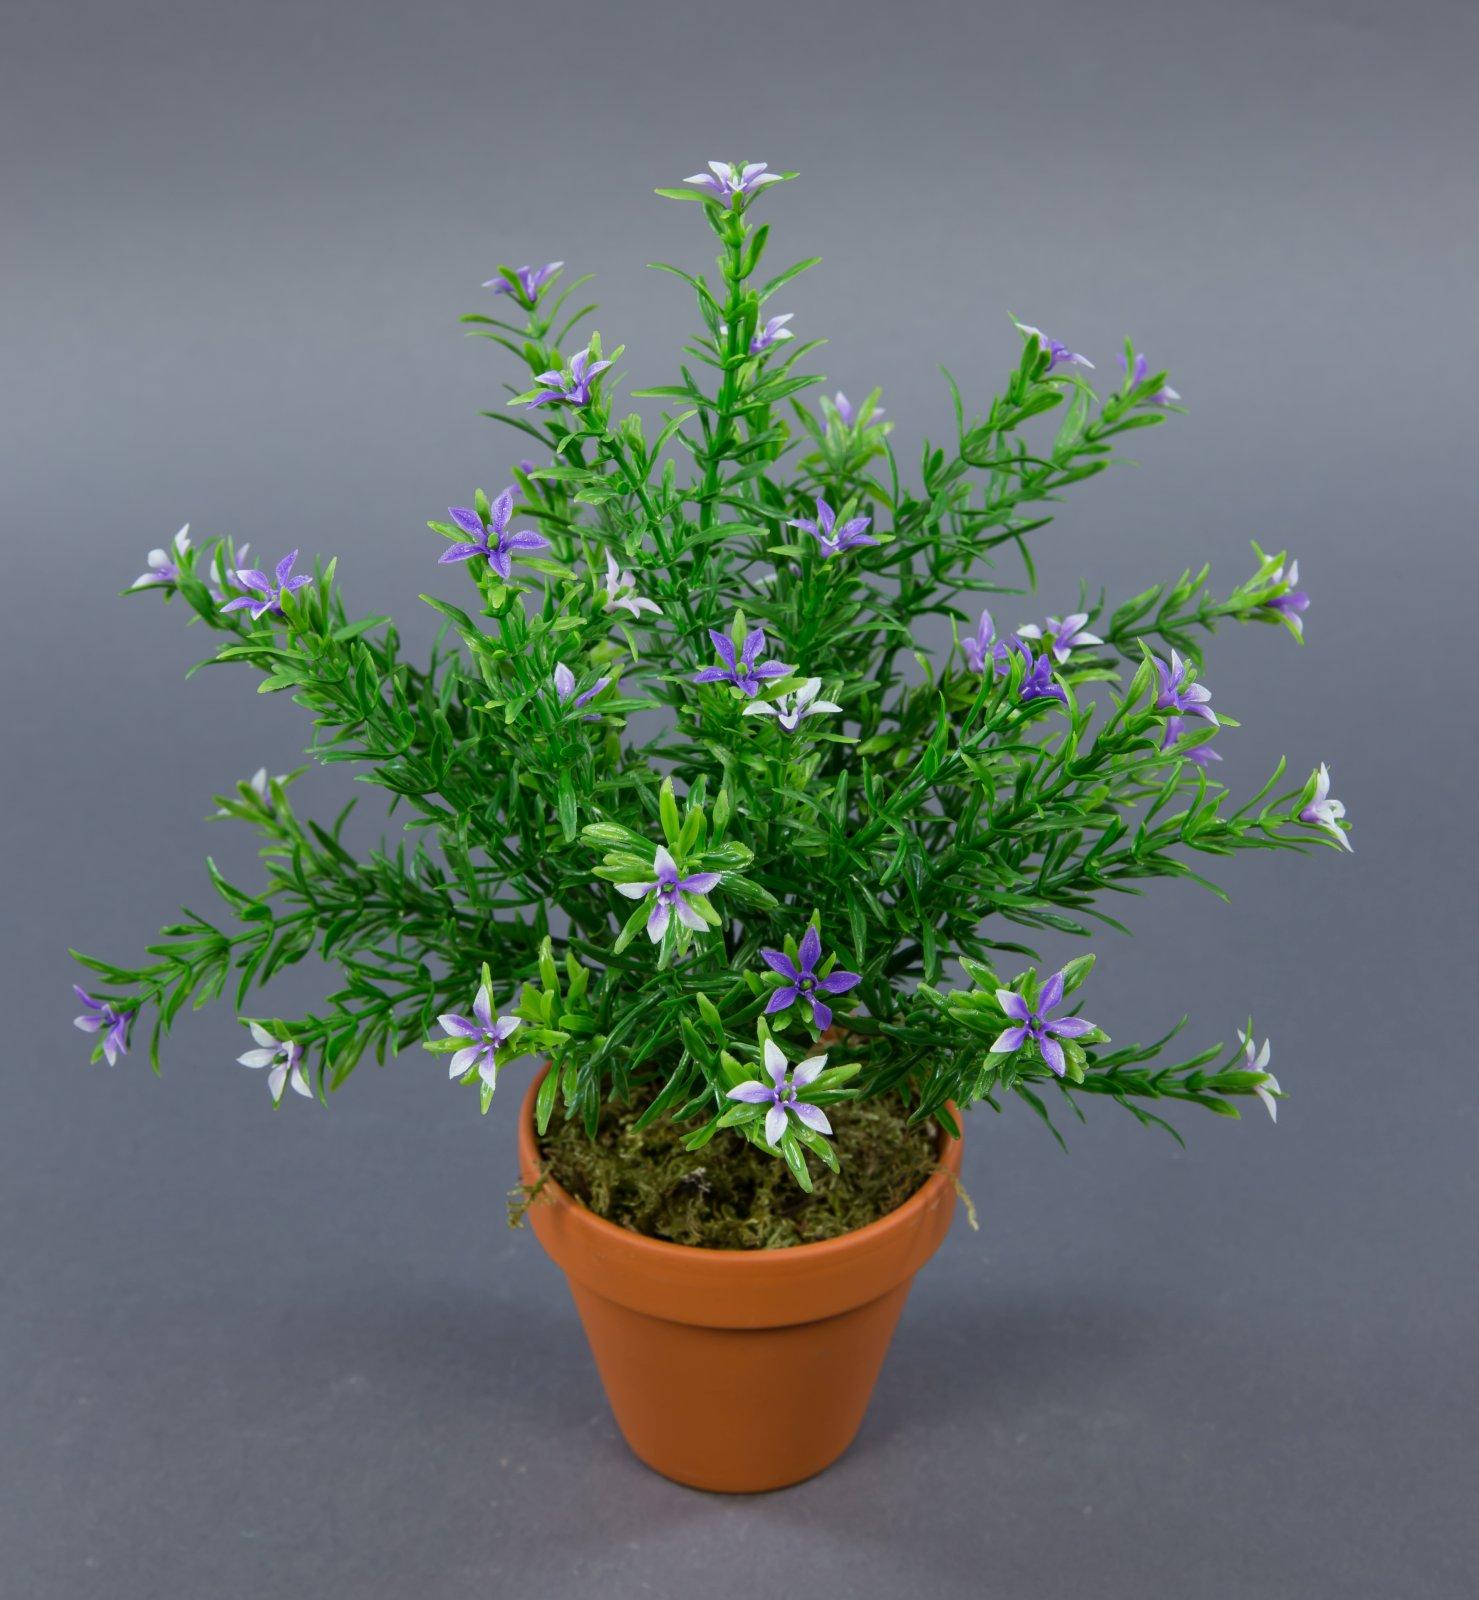 sternbl tenbusch 28cm lila im topf ga kunstblumen kunstpflanzen k nstliche blume ebay. Black Bedroom Furniture Sets. Home Design Ideas